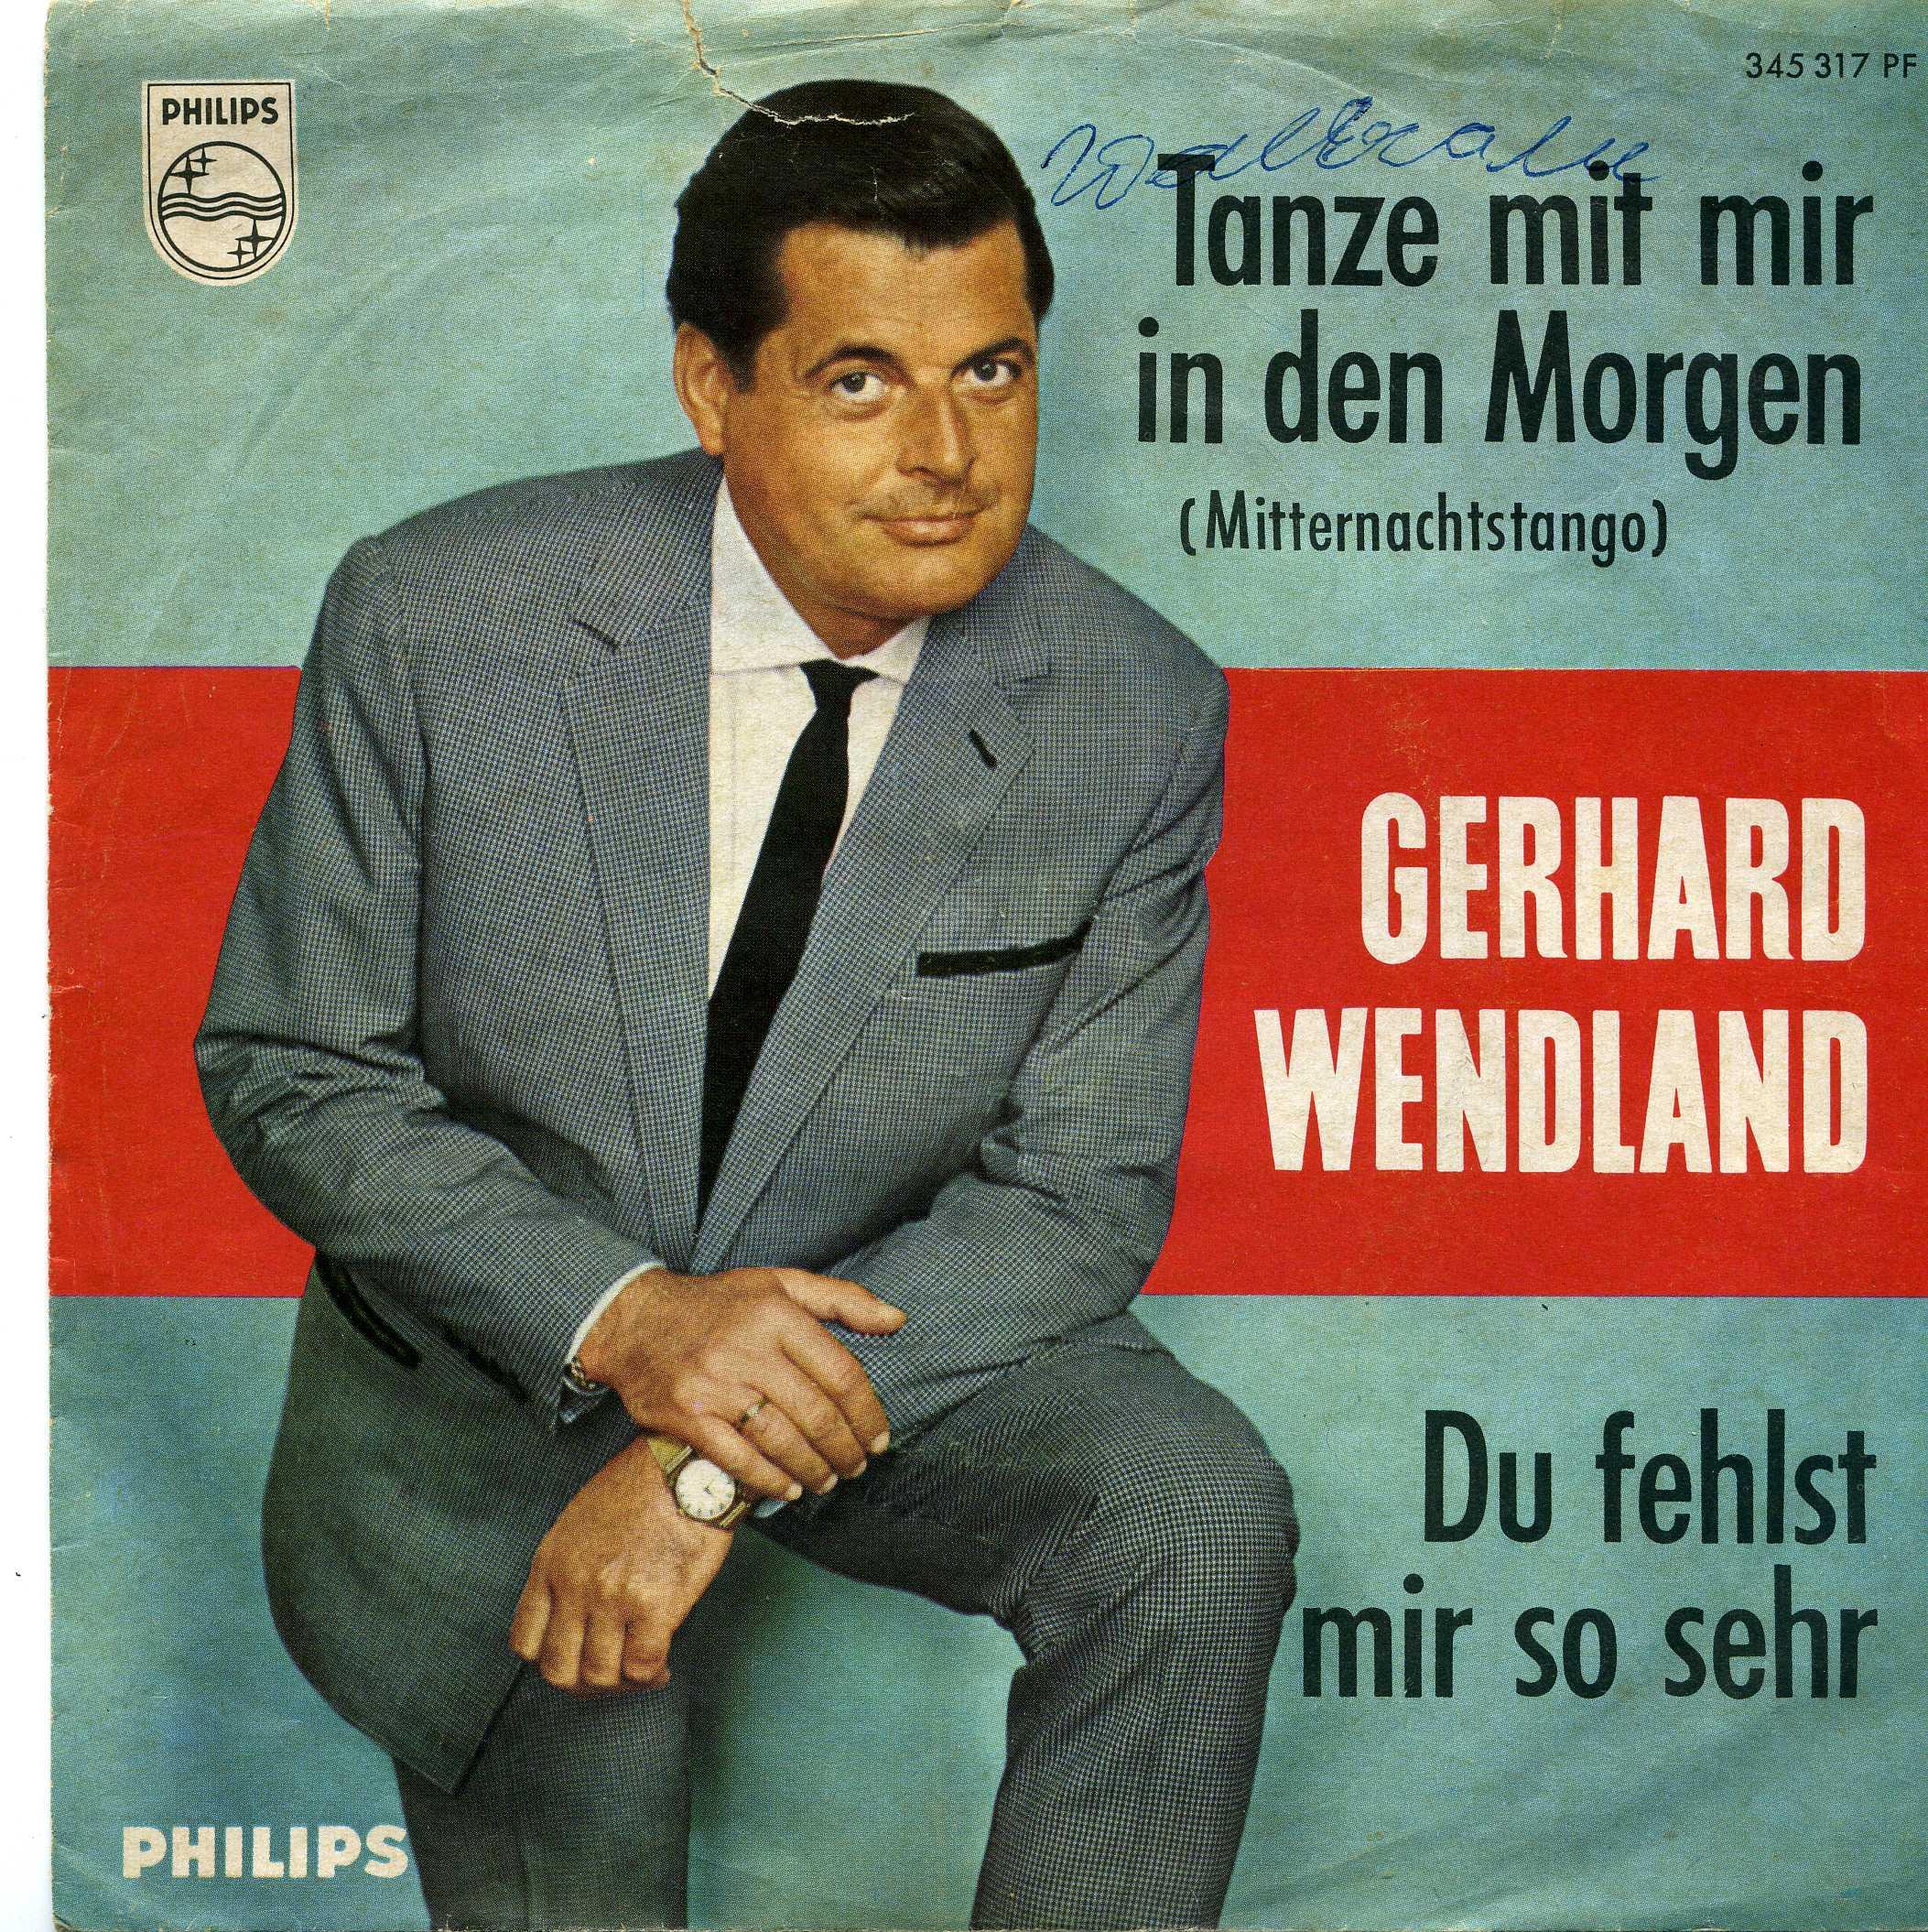 Single wendland Single wendland, Mediabank